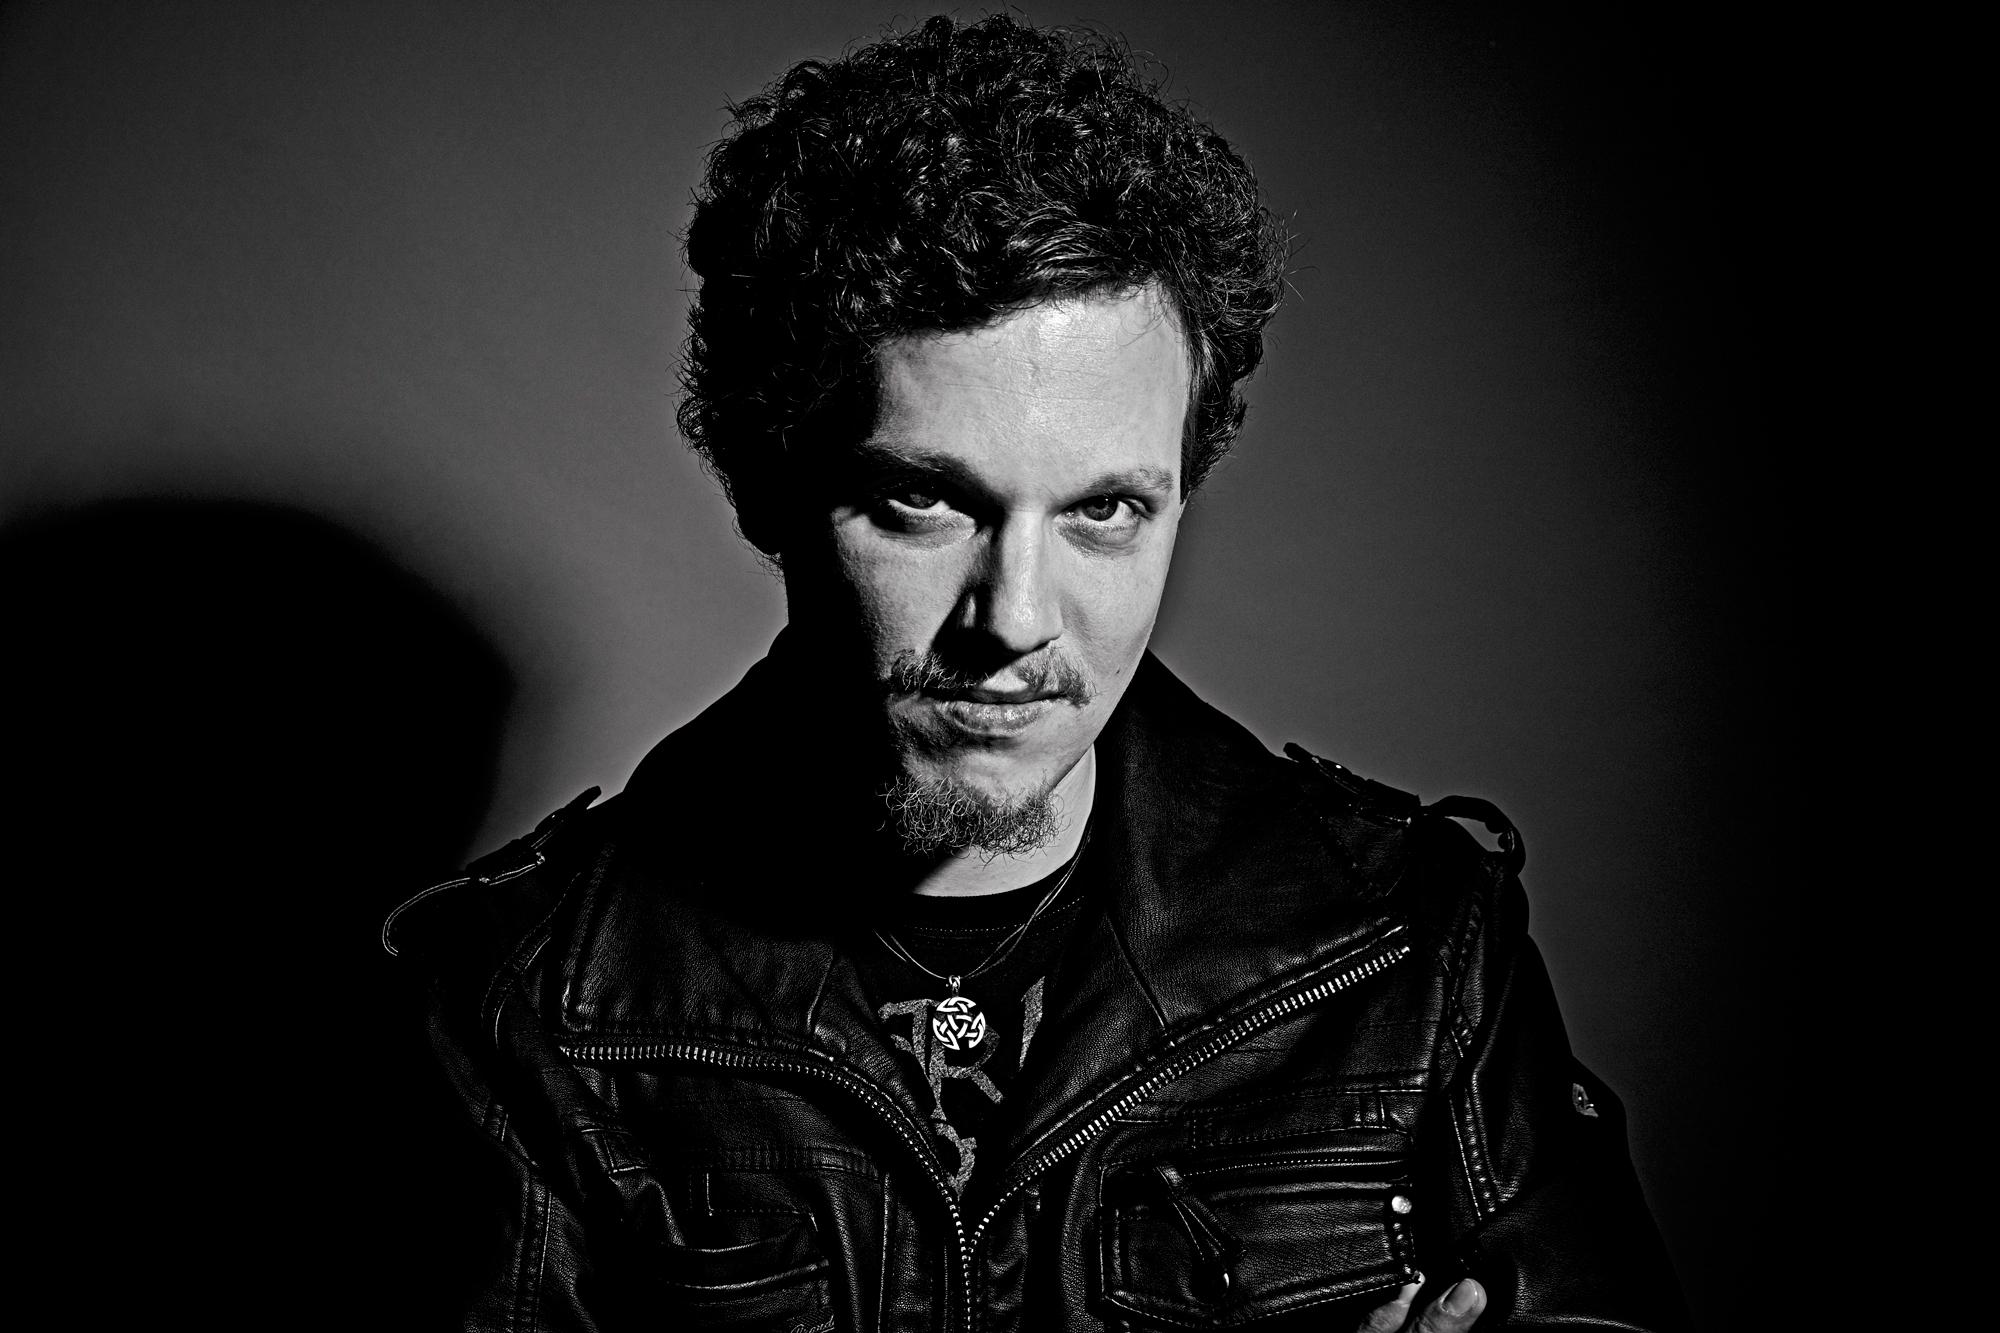 Matthias - Photo: Markus Jäger